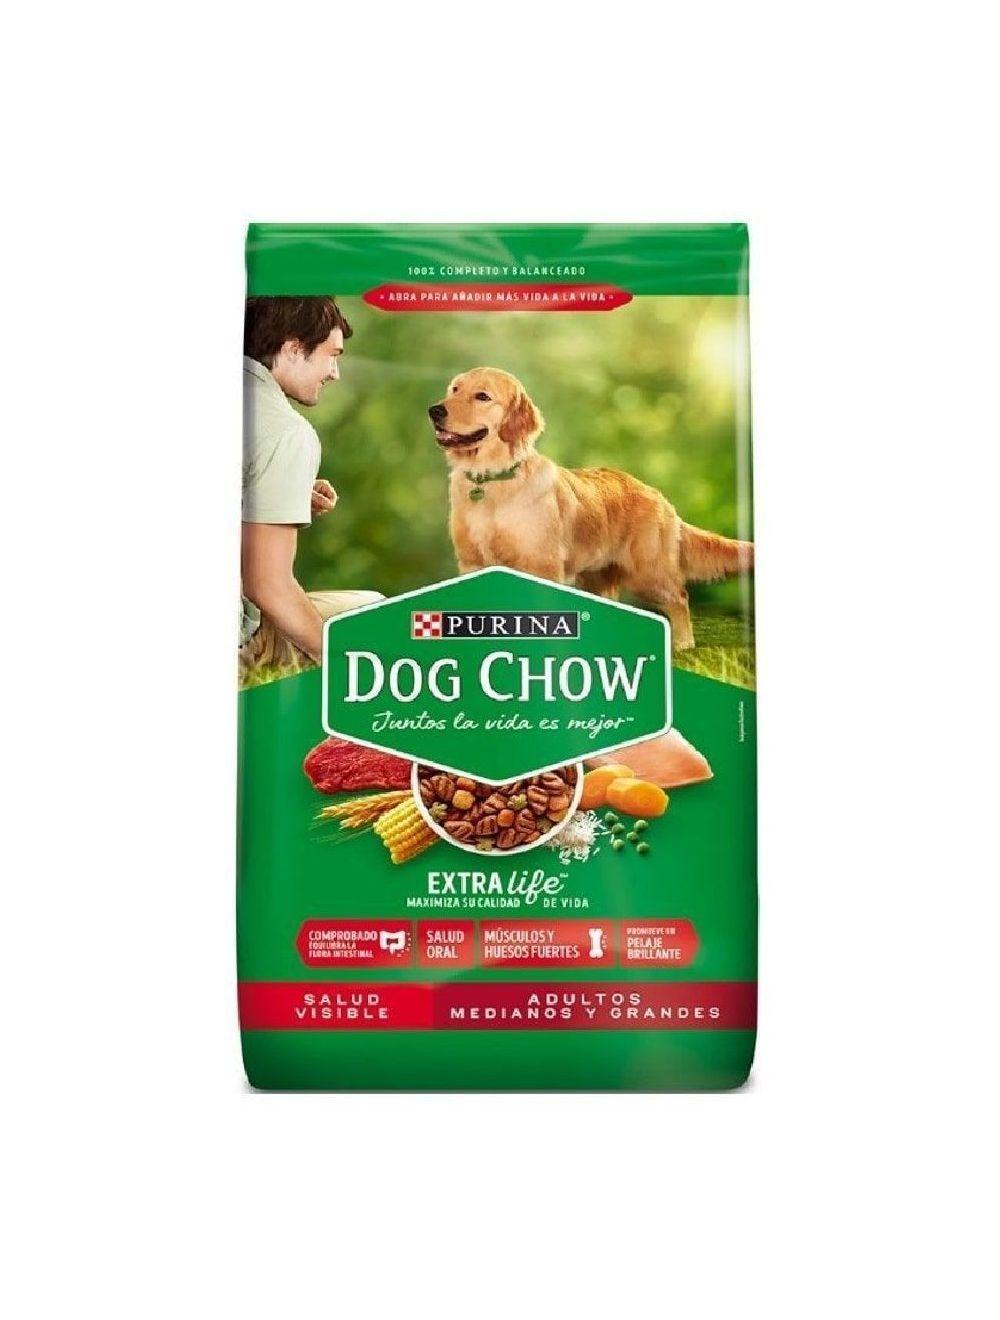 Comida para Perros Dog Chow Raza Grande-Ciudaddemascotas.com